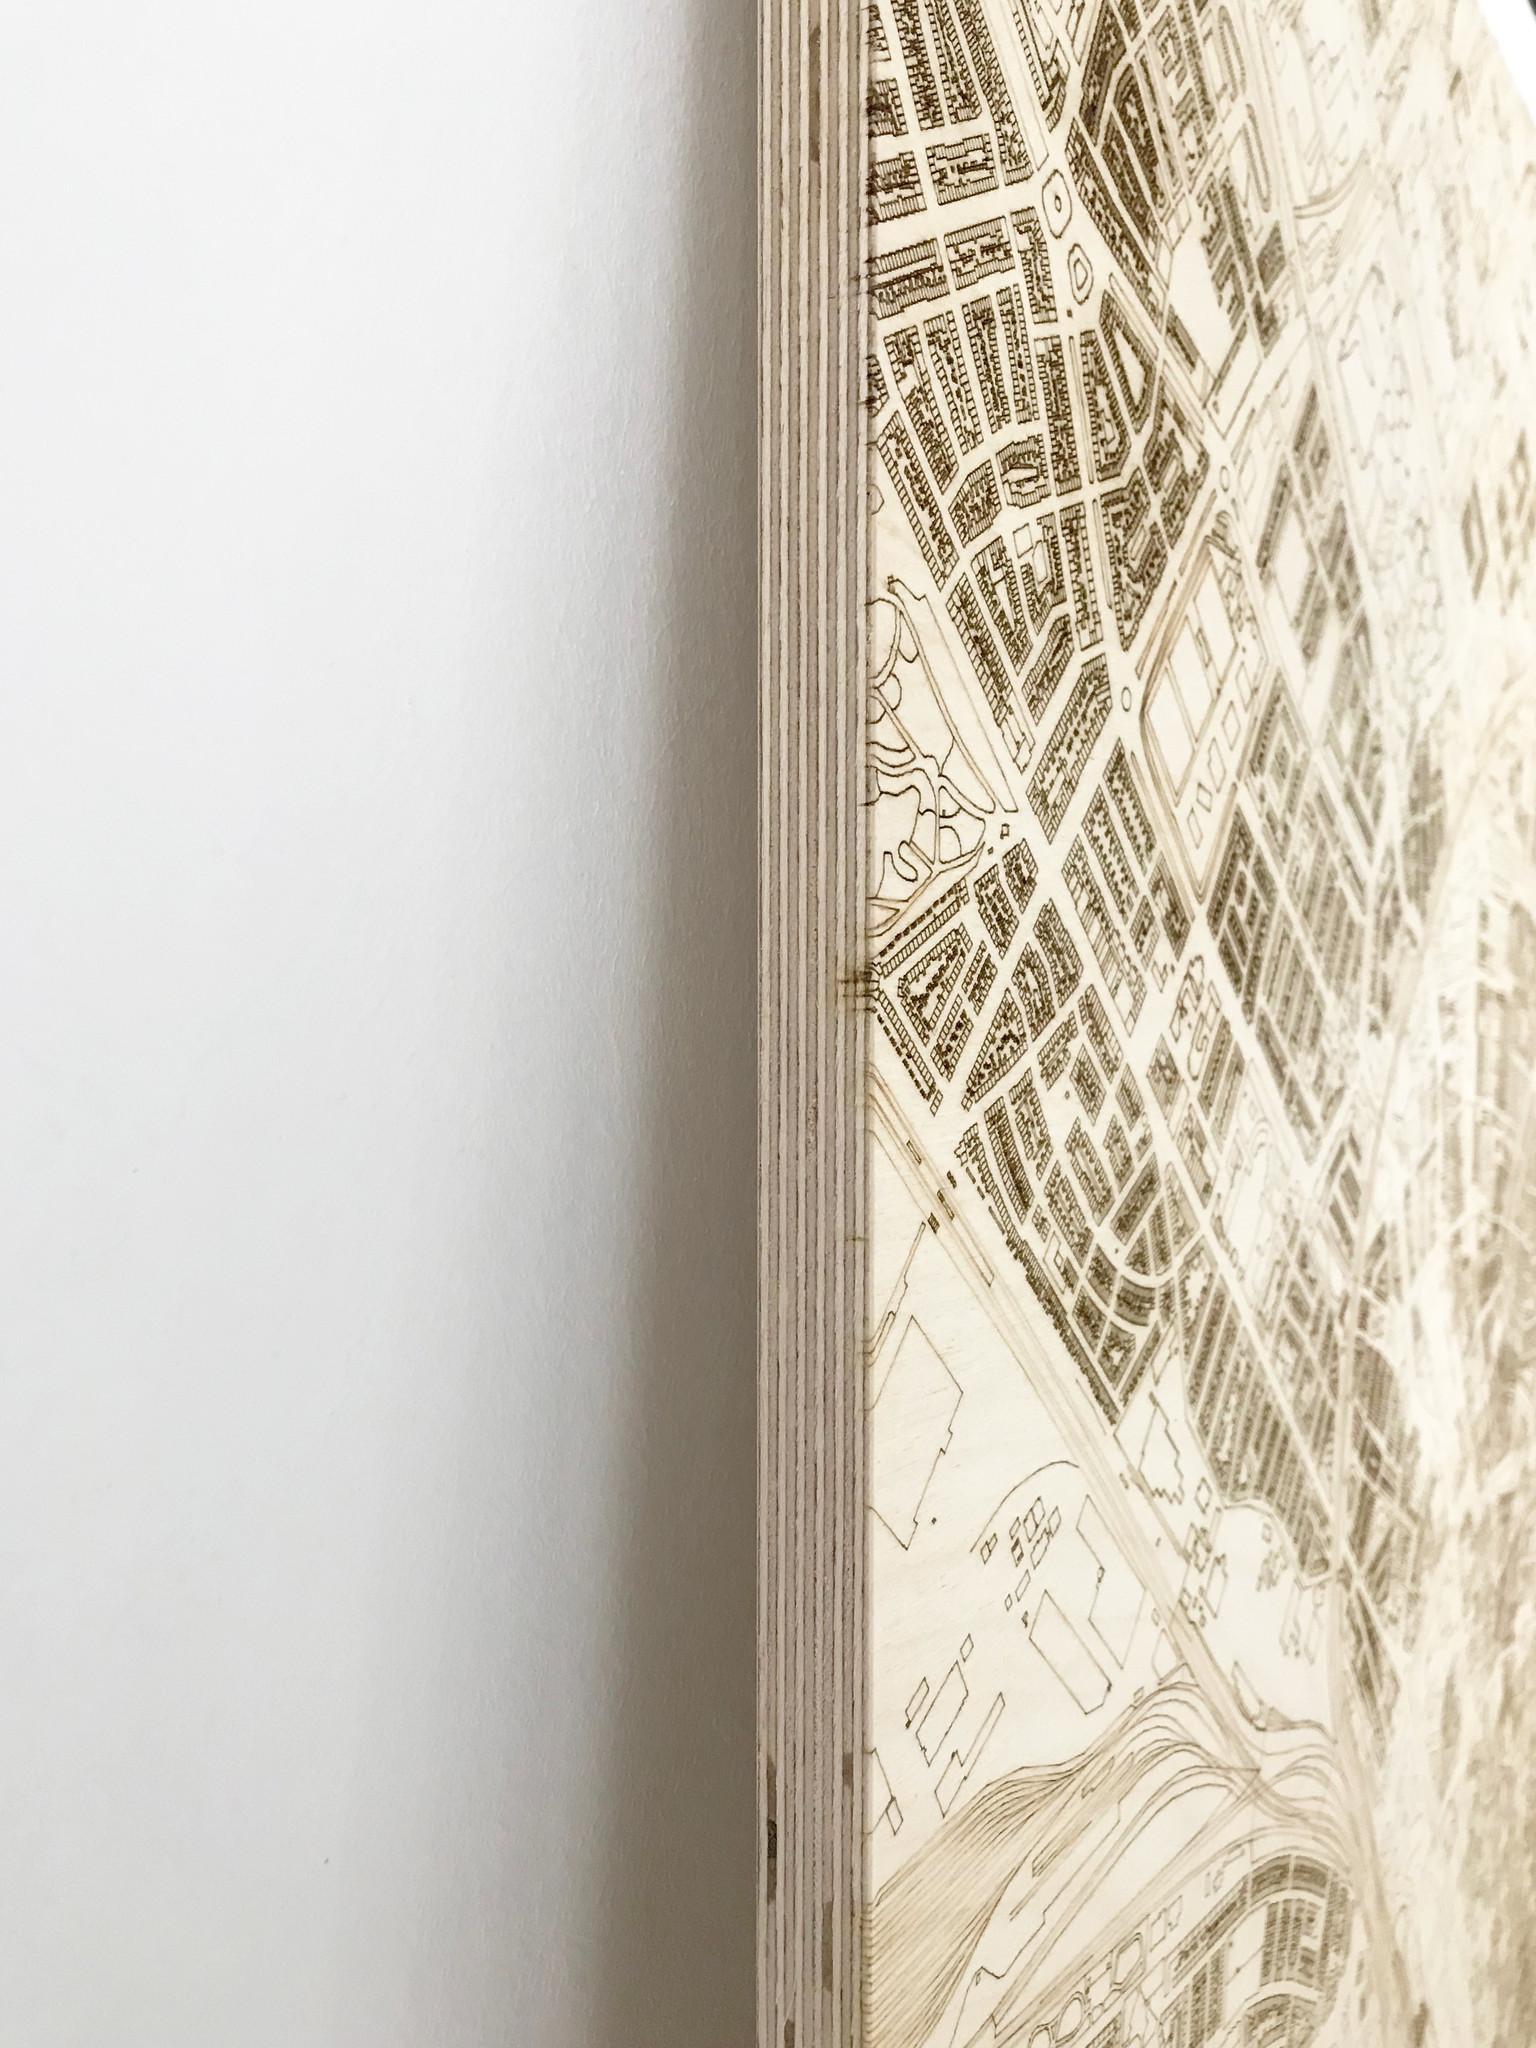 Wandbild Stadtplan London   Wanddekoration Holz-4